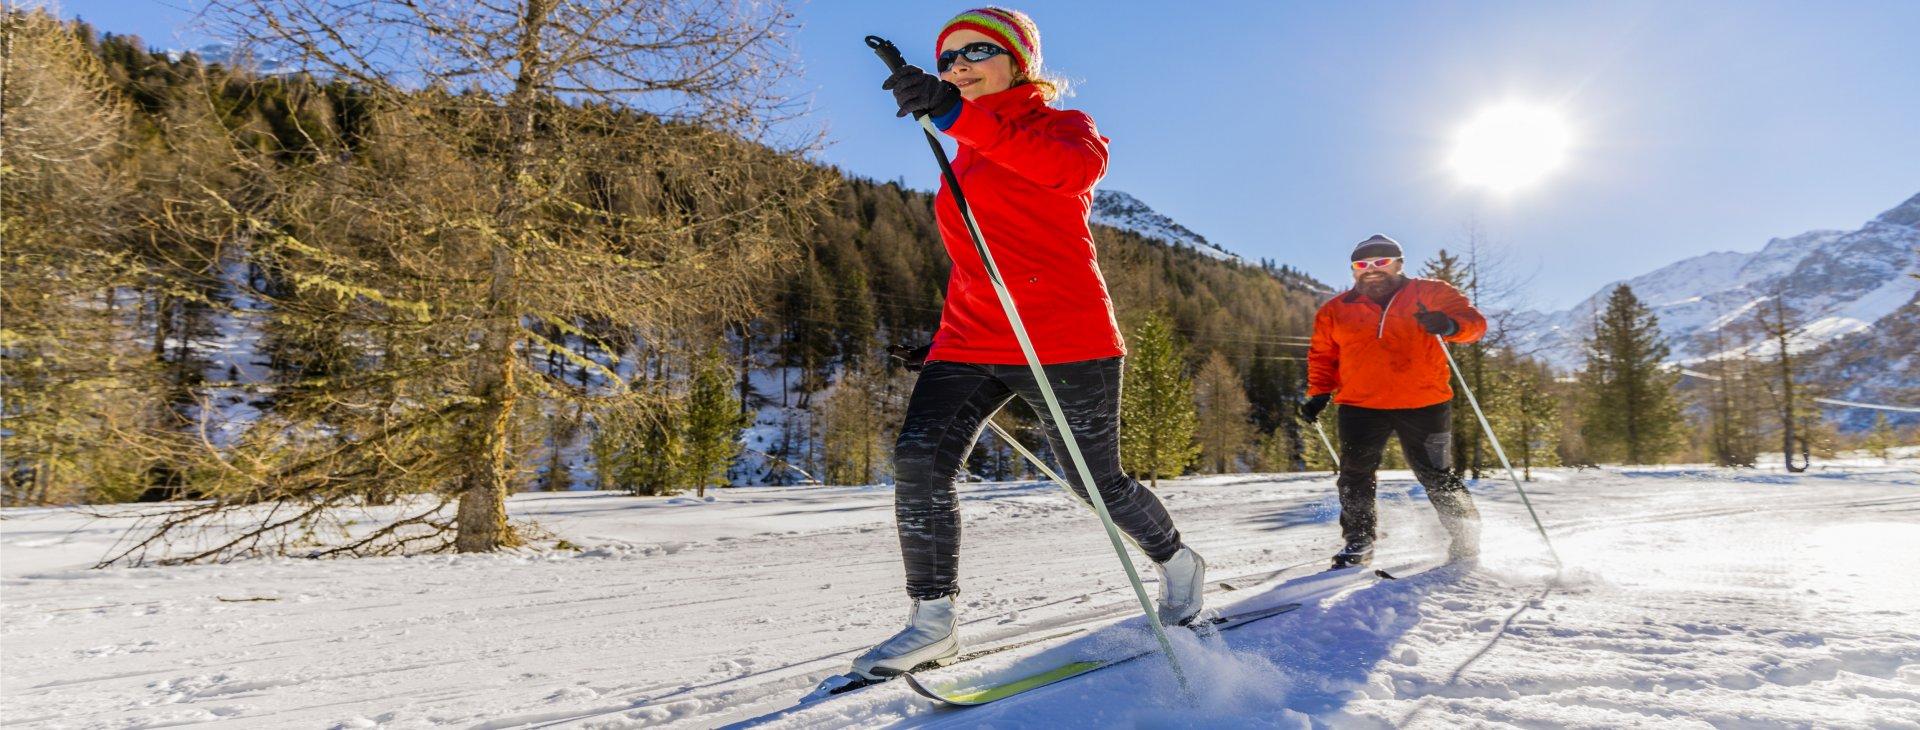 Adultes ski de fond parc soleil